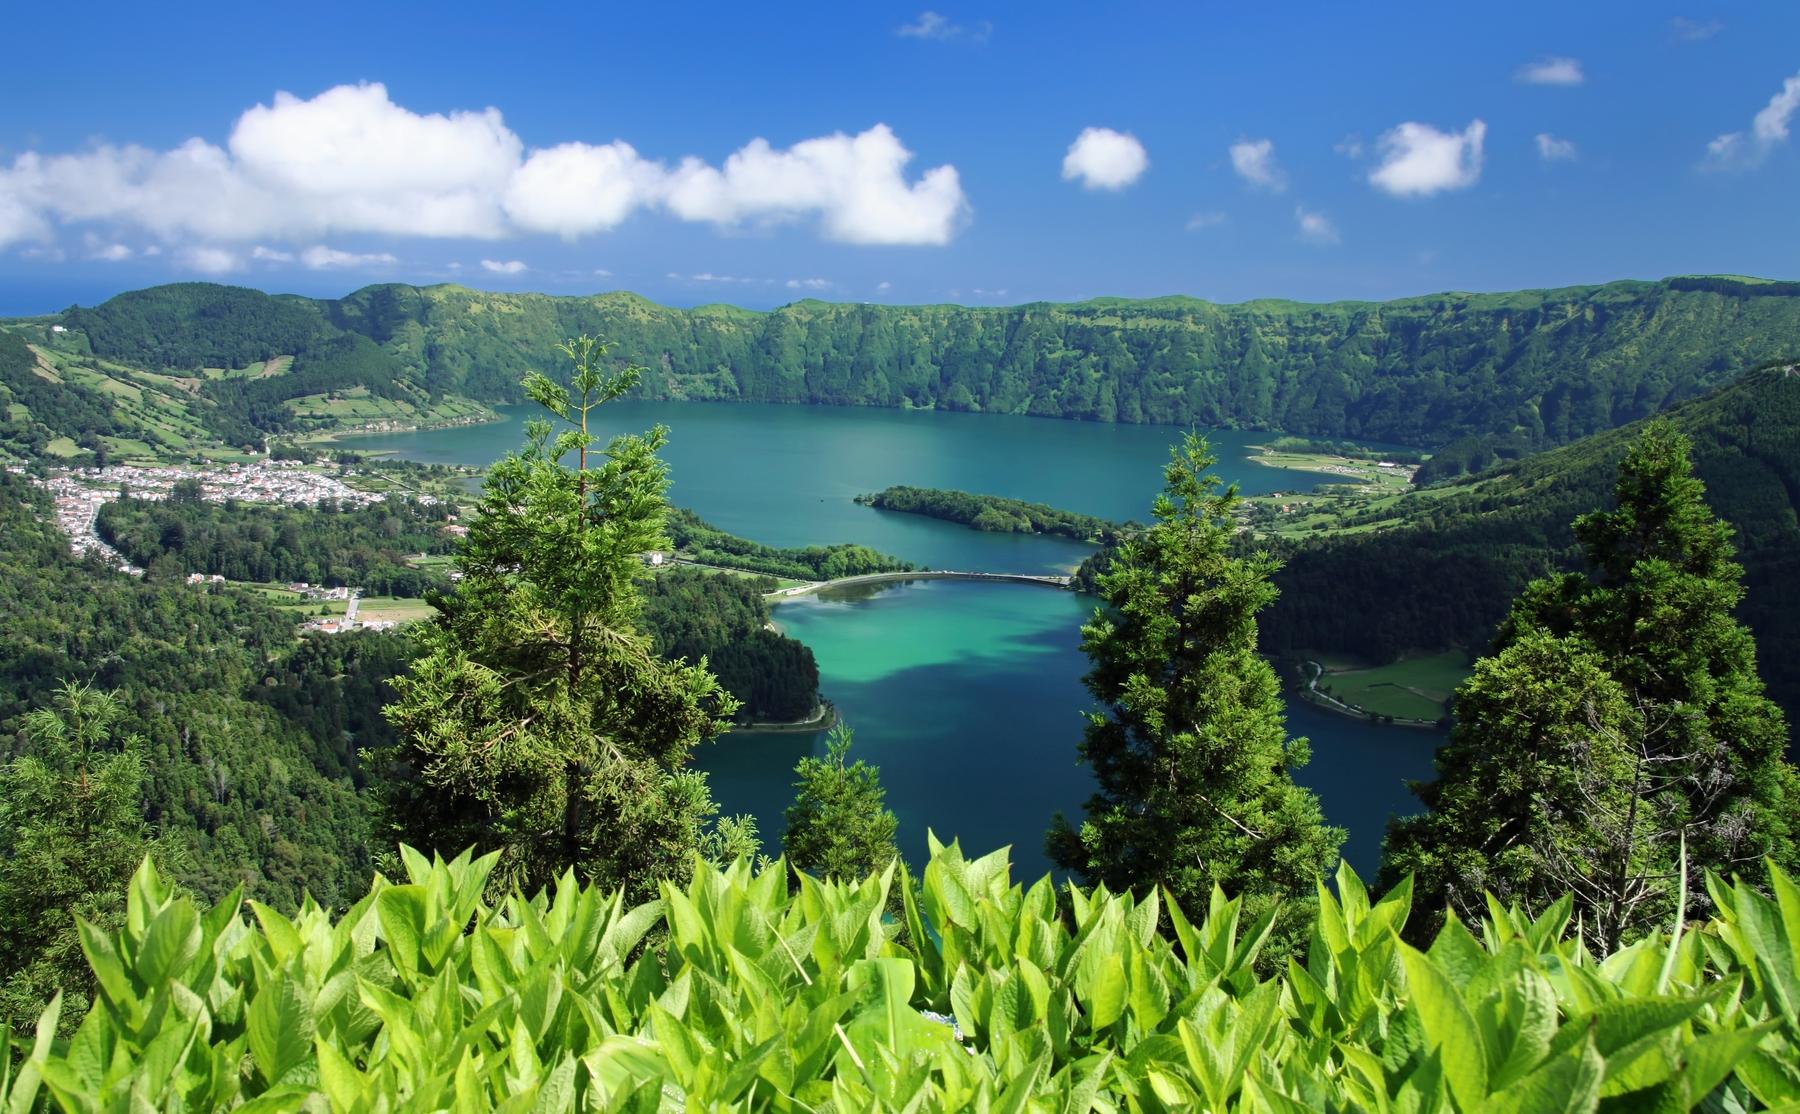 Blick aufs Wasser und Bäume am nachhaltigen Reiseort Azoren in Portugal